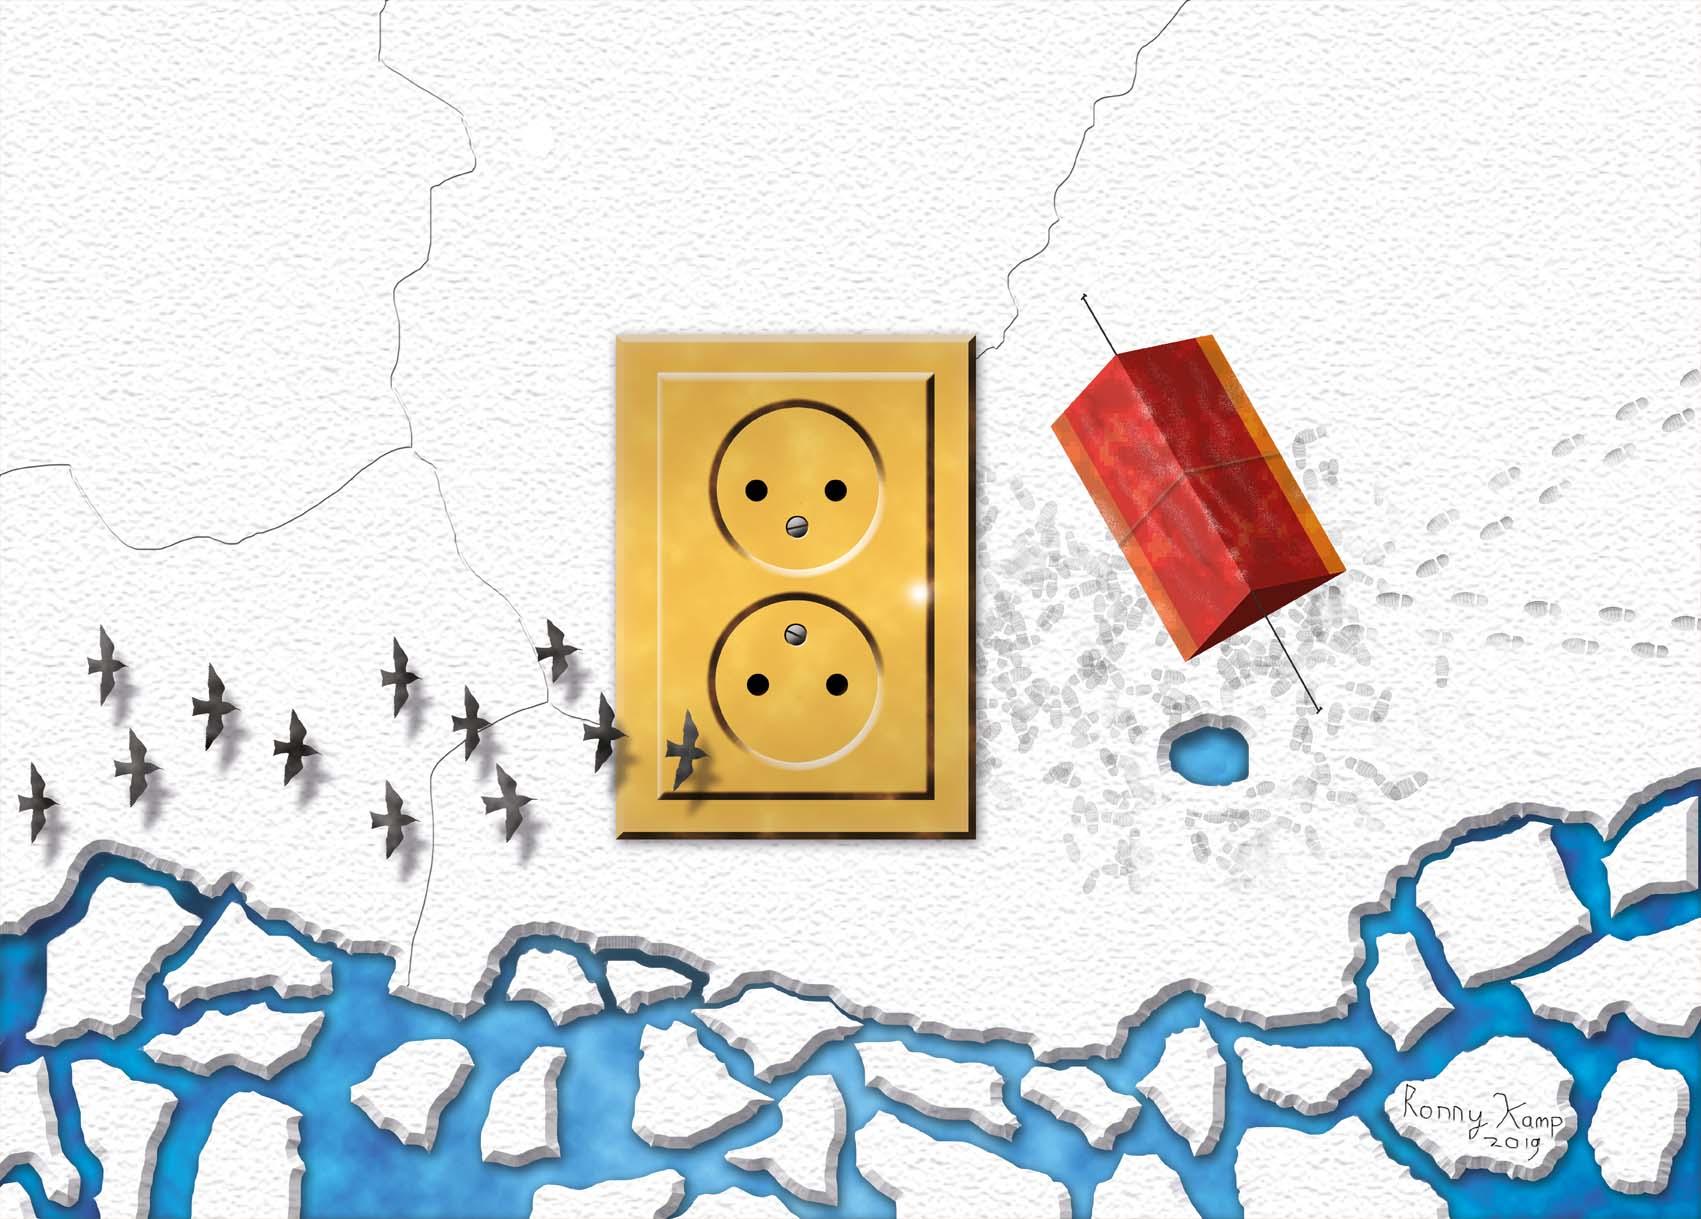 Surrealistische muur met een gouden stopcontact. De muur gaat over in een landschap met ijsschotsen. De tent en de voetafdrukken in de sneeuw verraden een poolexpeditie. Wat hebben deze mensen ontdekt?